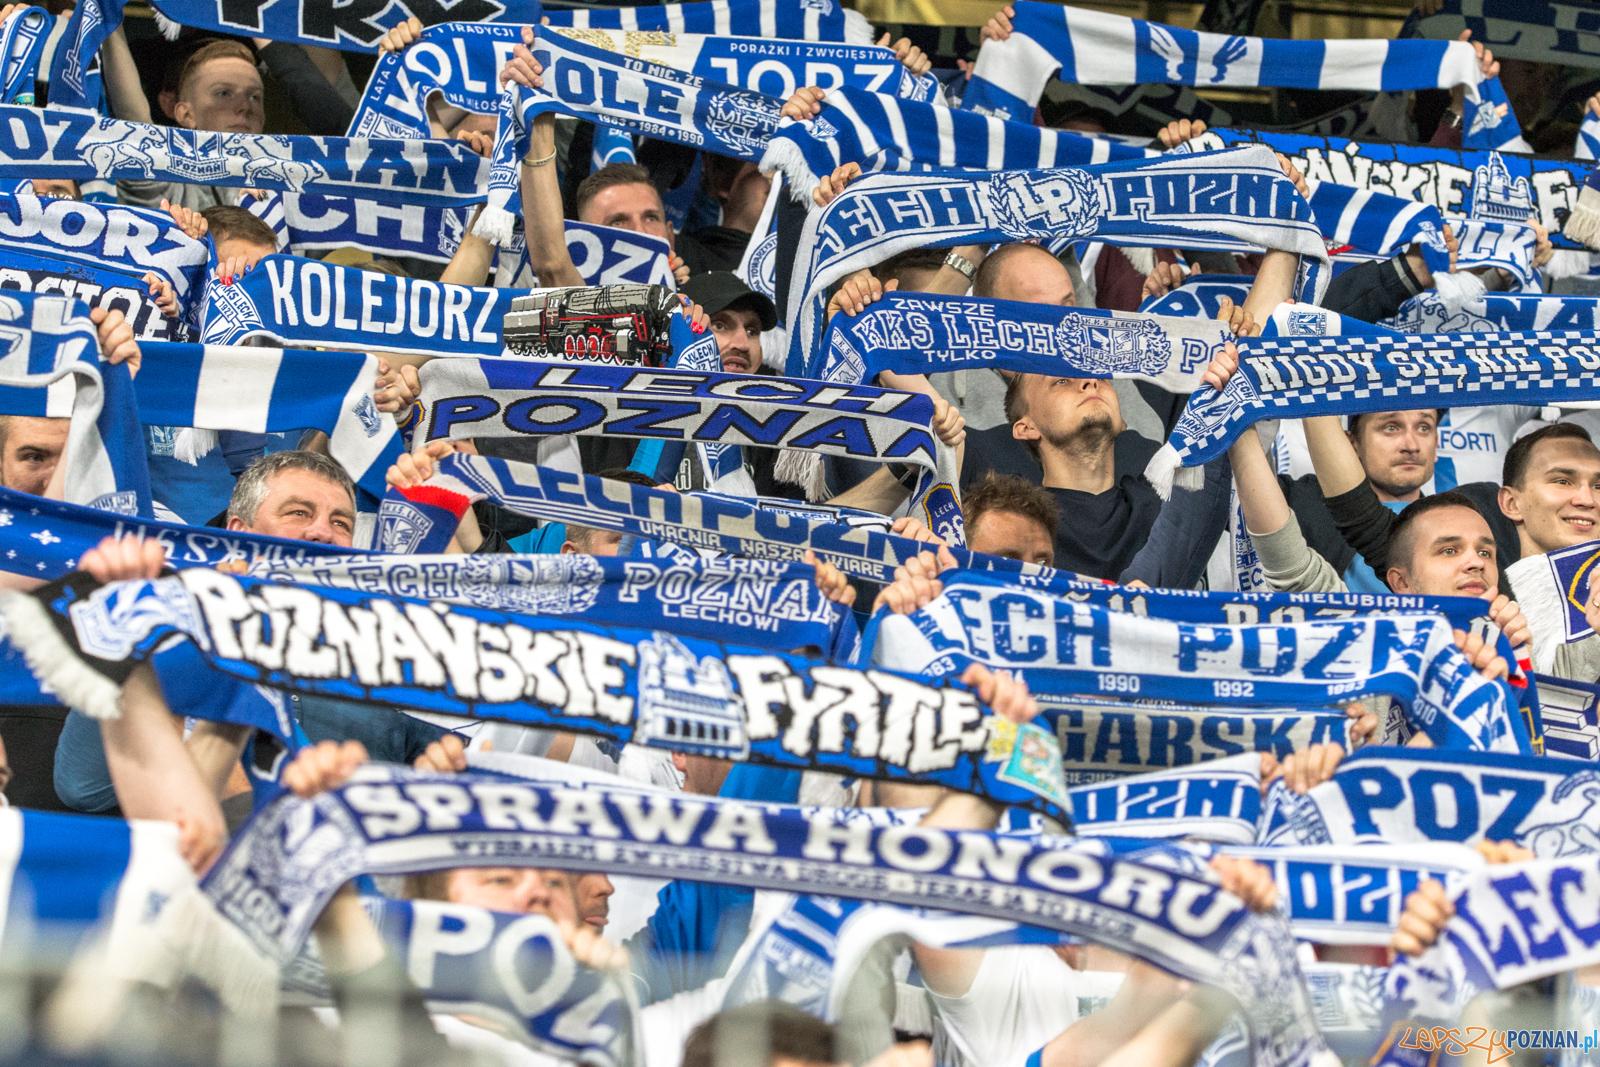 Lech Poznań - Legia Warszawa 1:0 (0:0) - Poznań 24.04.2019 r.  Foto: LepszyPOZNAN.pl / Paweł Rychter